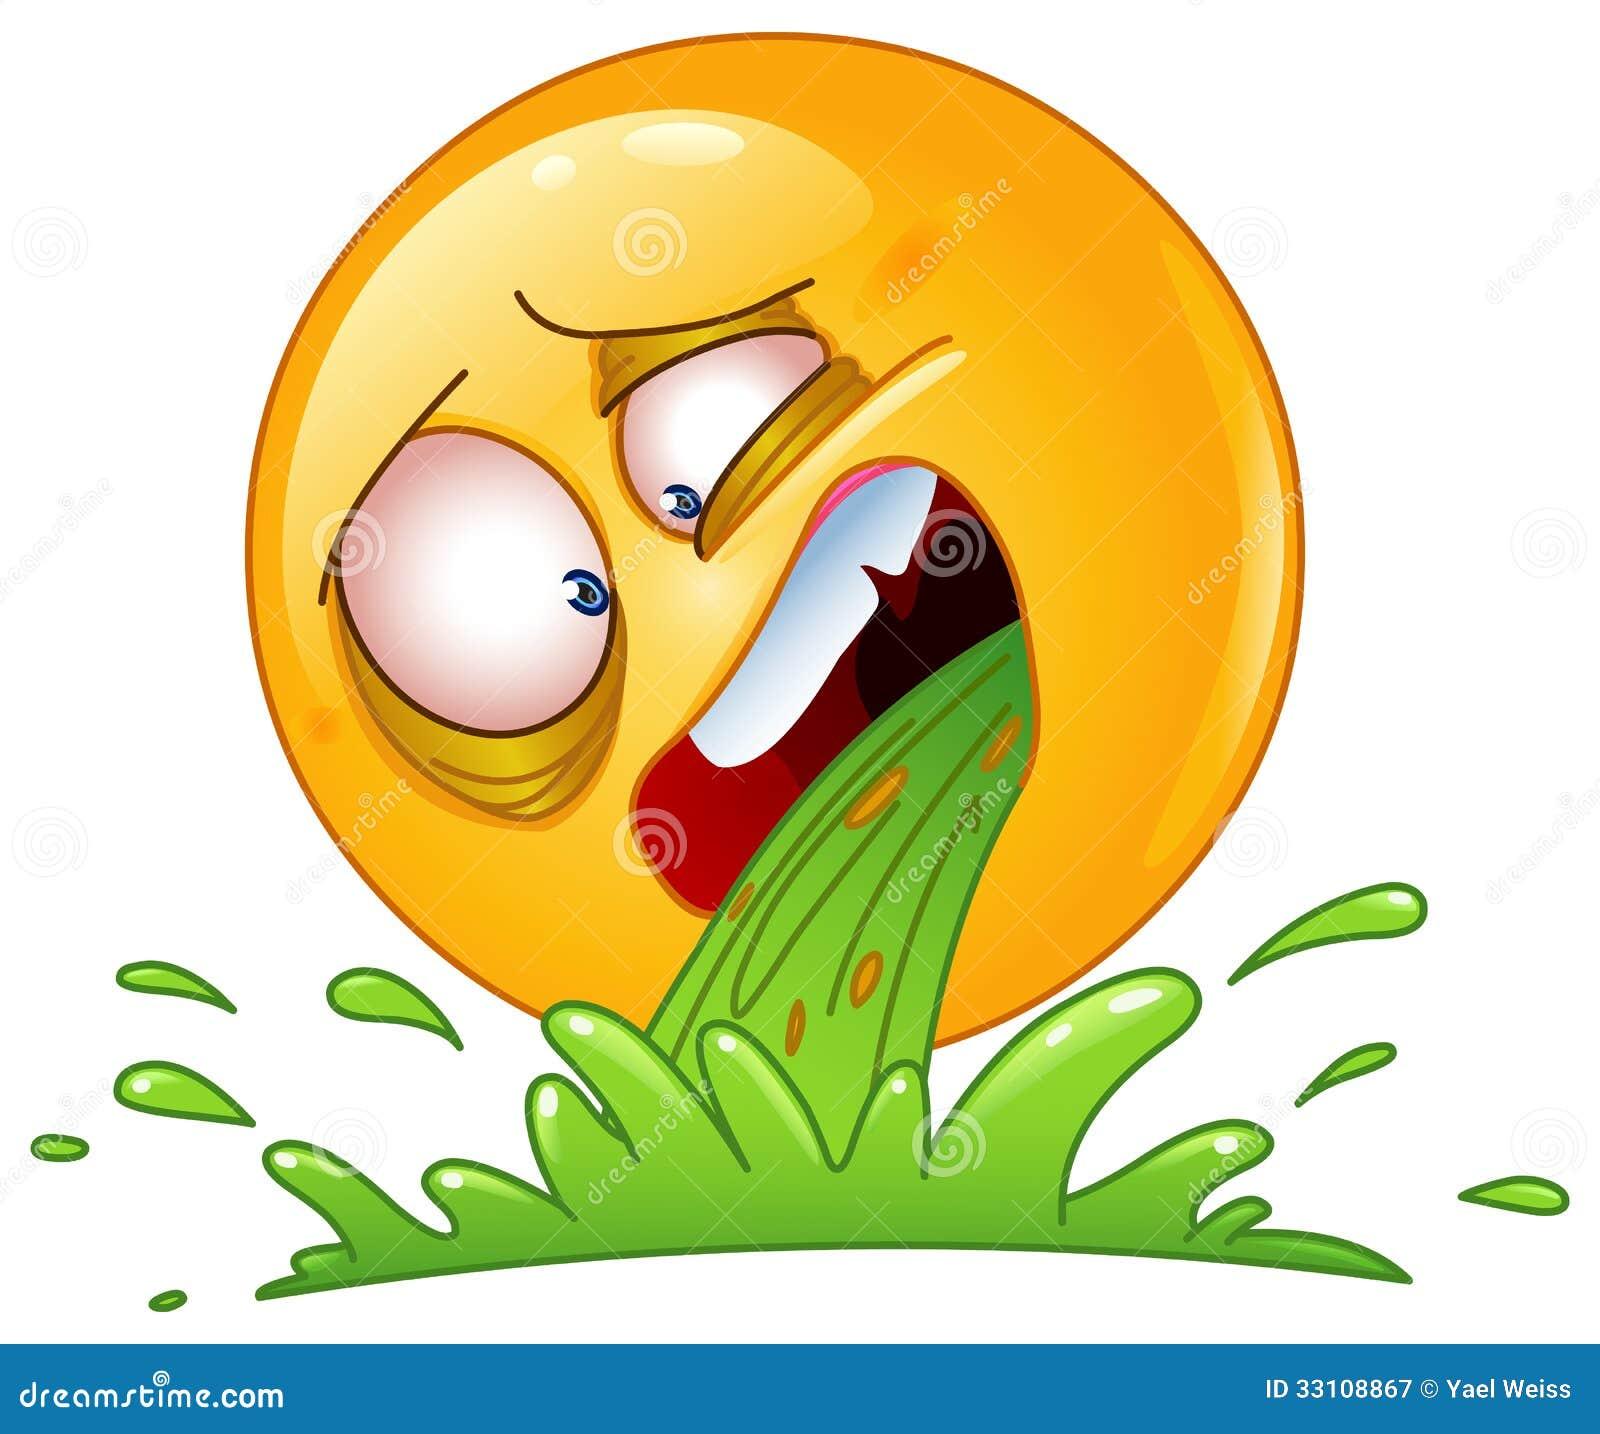 Resultado de imagem para emojis de vomito